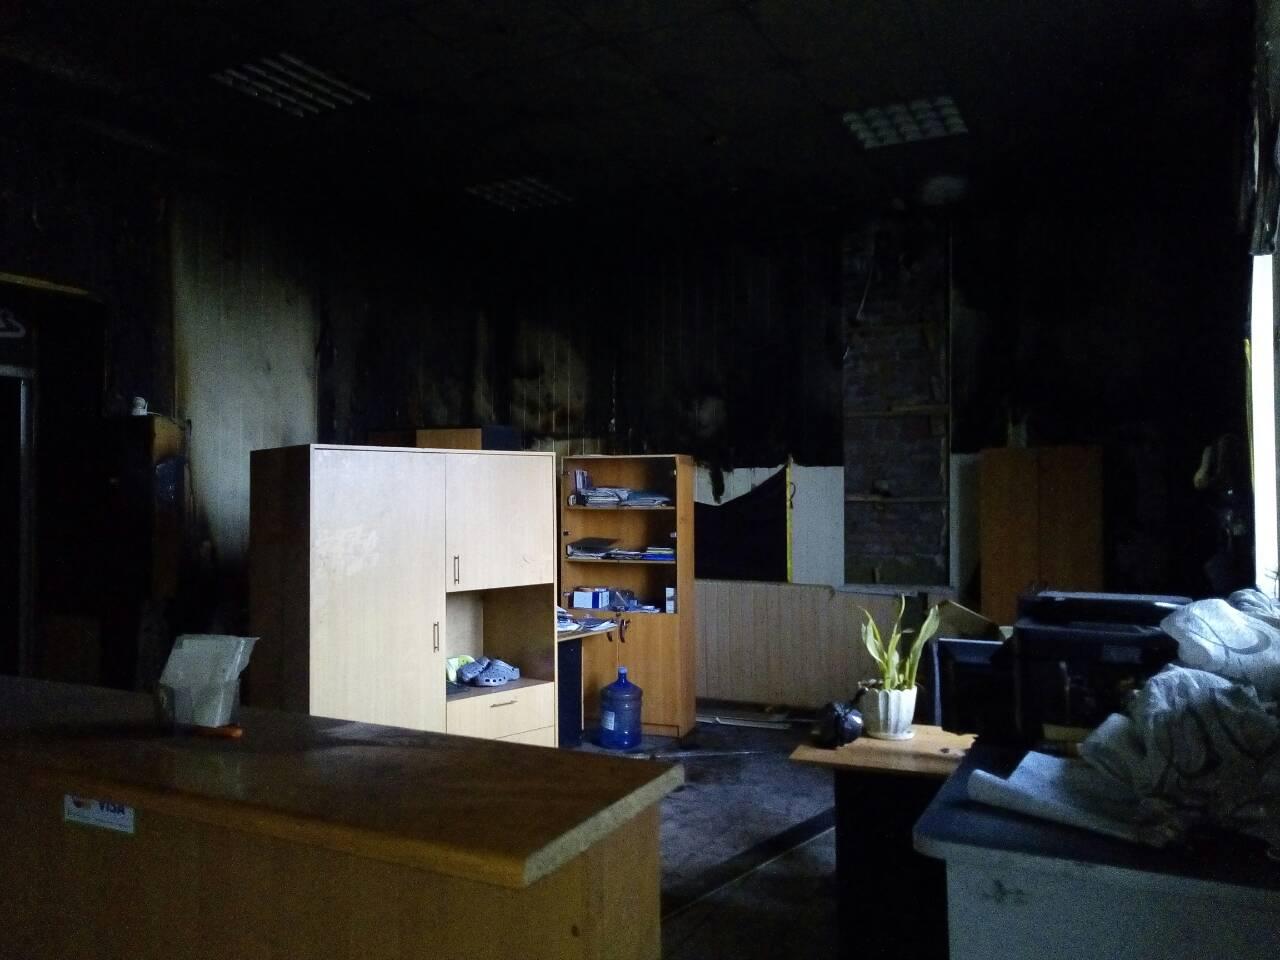 Дружковка: Сегодня ночью сгорел магазин «Аннушка» на улице Соборной. Пострадала и редакция газеты «ДнЛ+» (ФОТО), фото-1